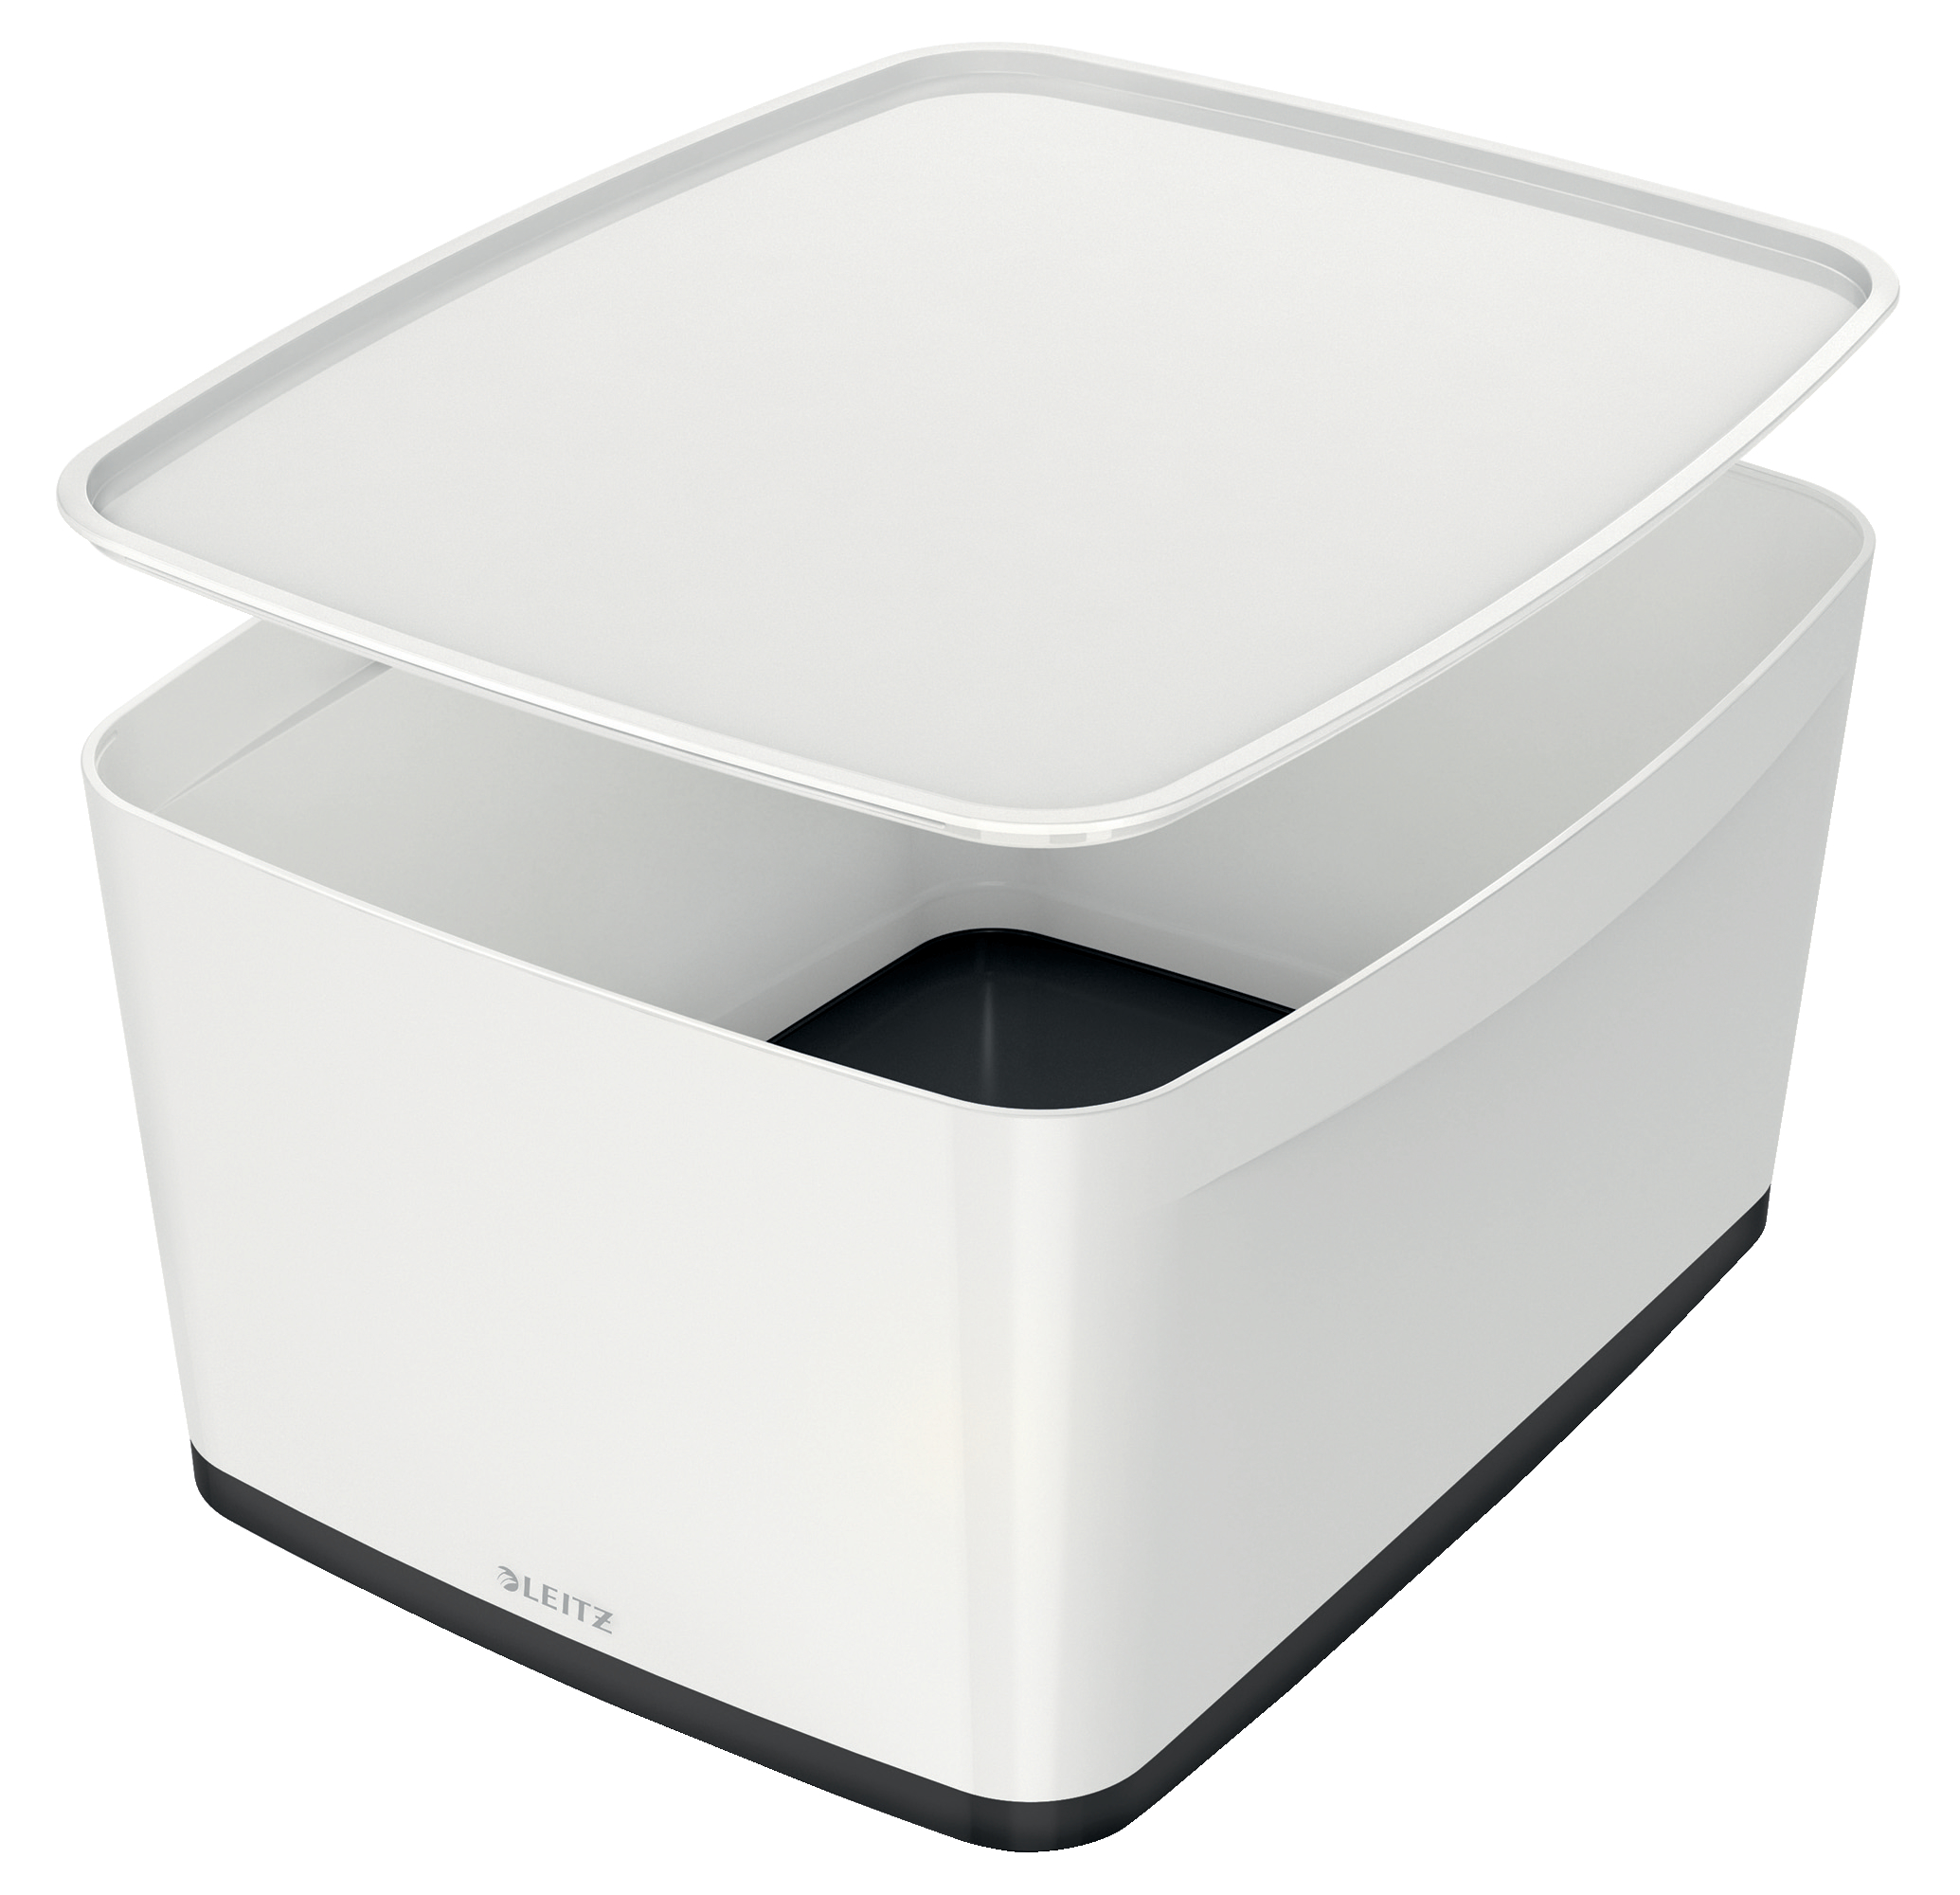 Leitz MyBox Large with Lid WOW White Black